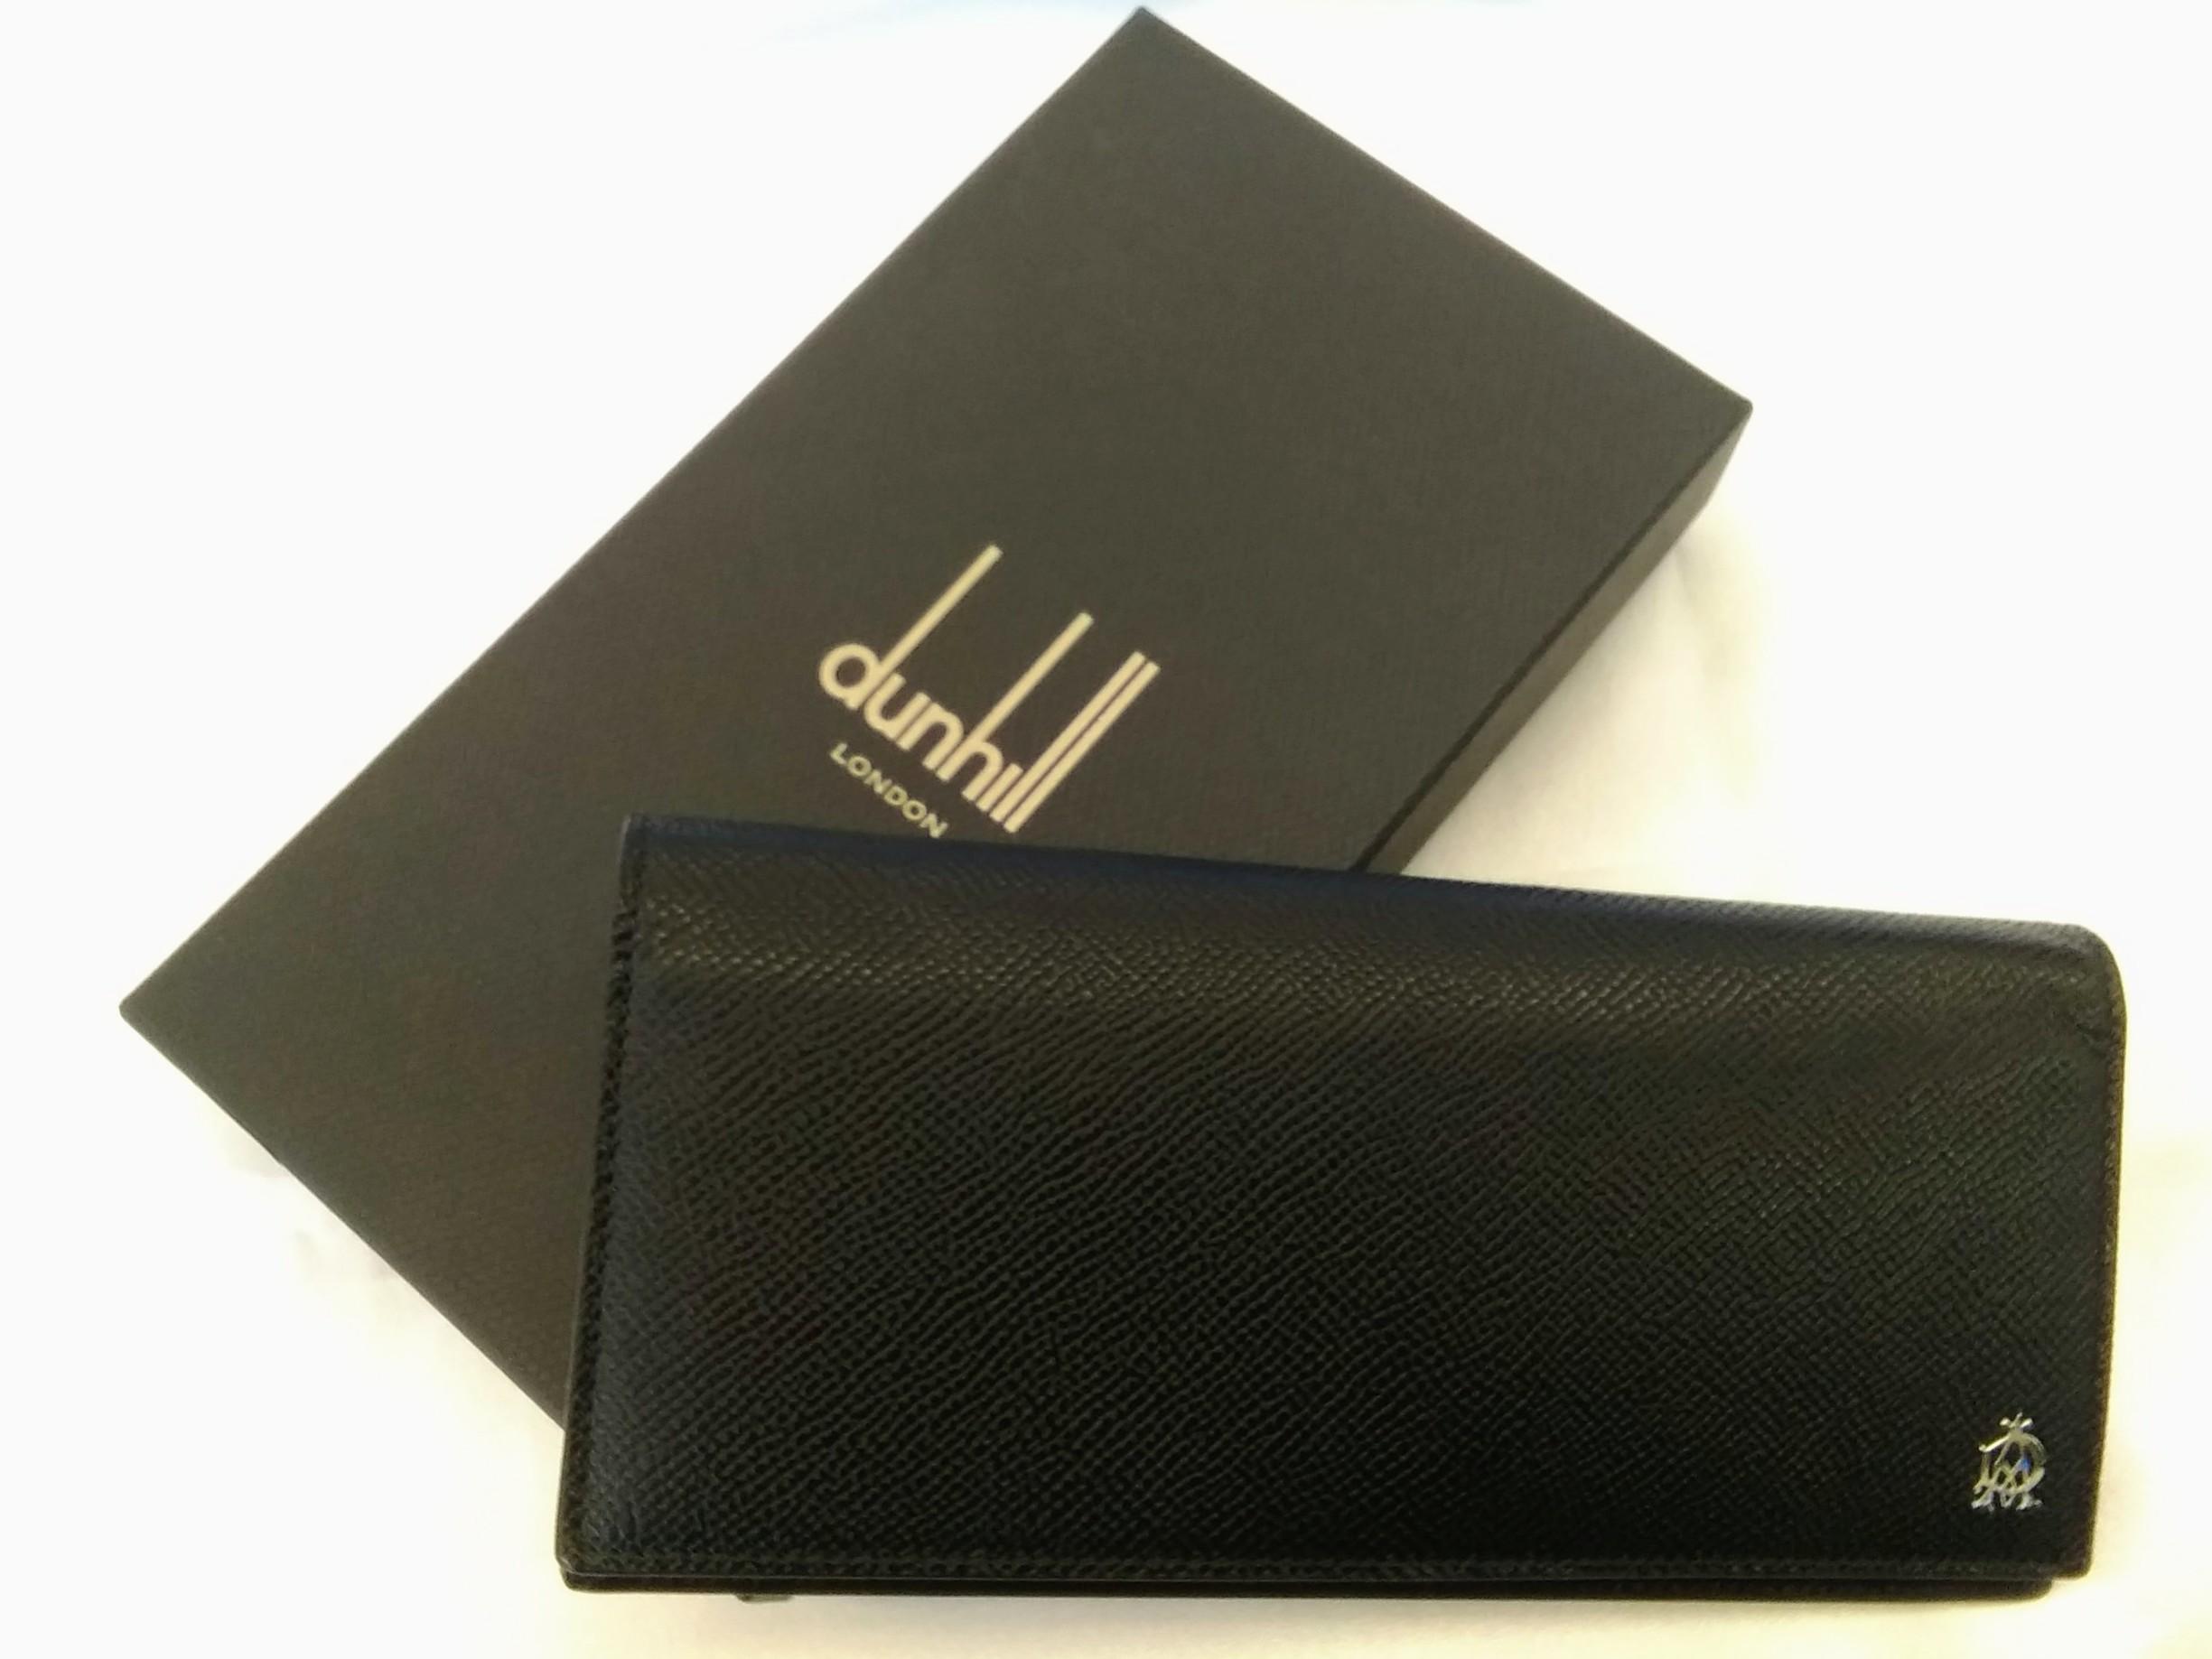 長財布【黒】【ブラック】|DUNHILL【dunhill】【ダンヒル】【メンズ】